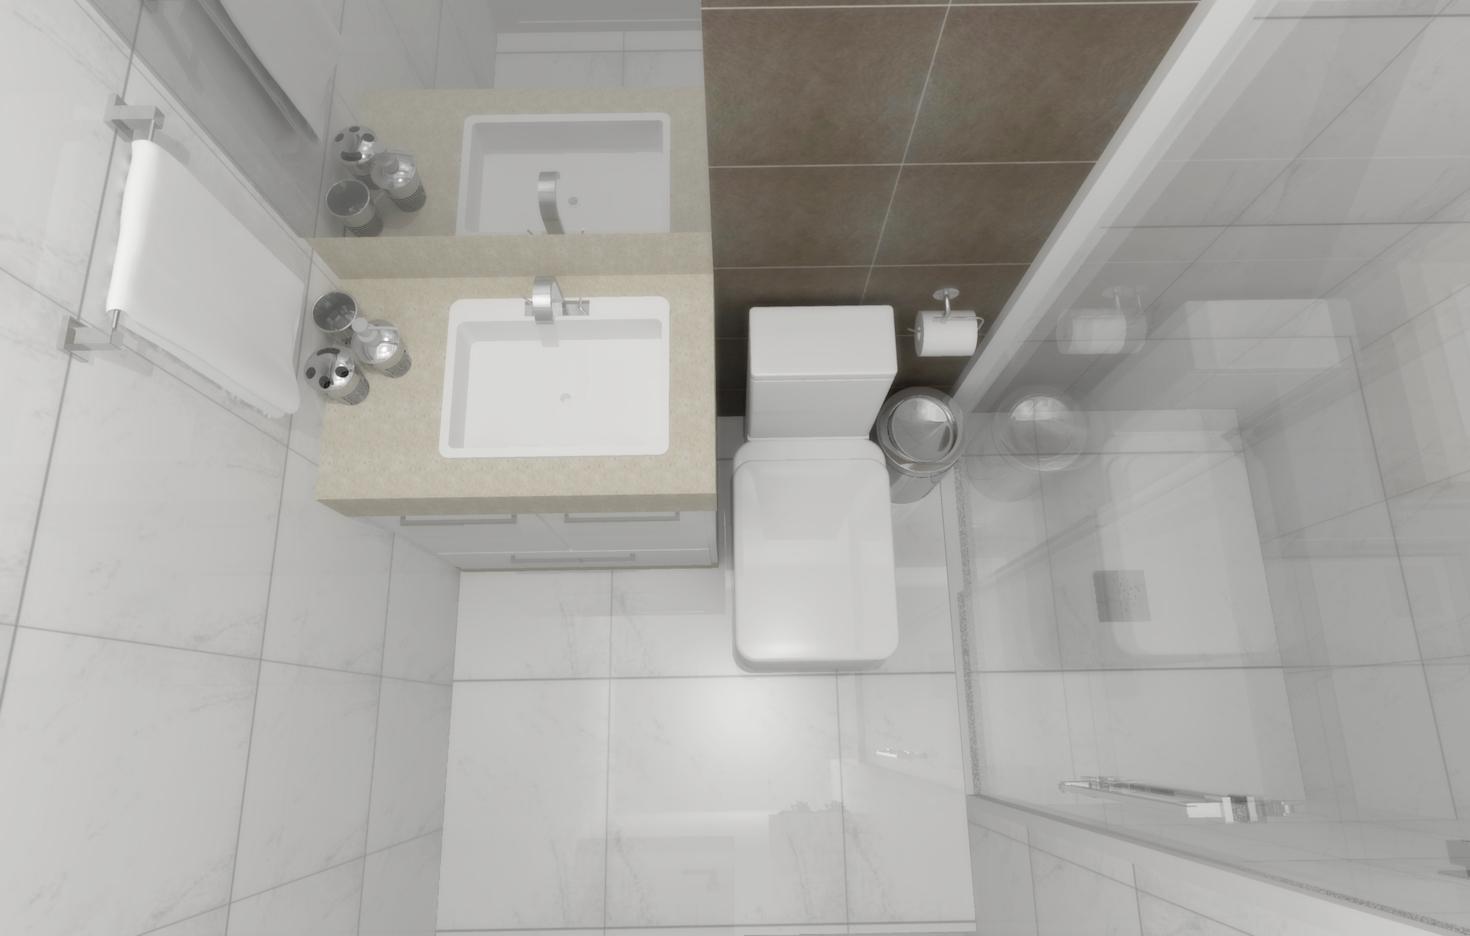 Banheiros Pequenos planejados: Sugestões modelos #595146 1470 936